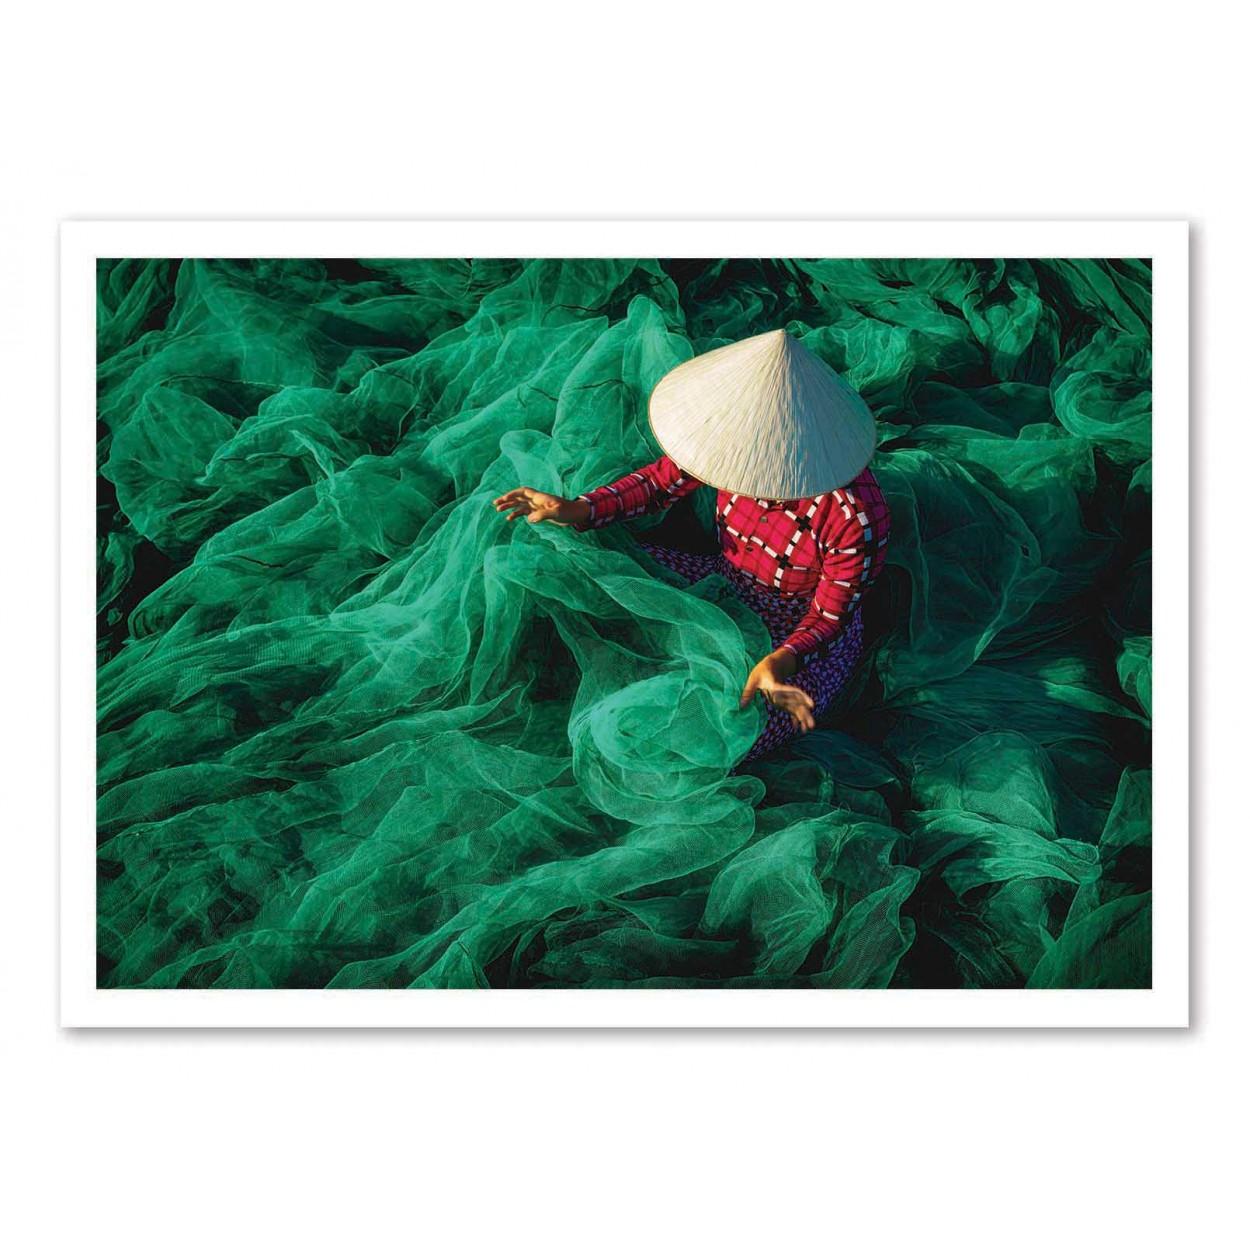 THE FISHING NET - Affiche d'art 50 x 70 cm - Patrick Foto